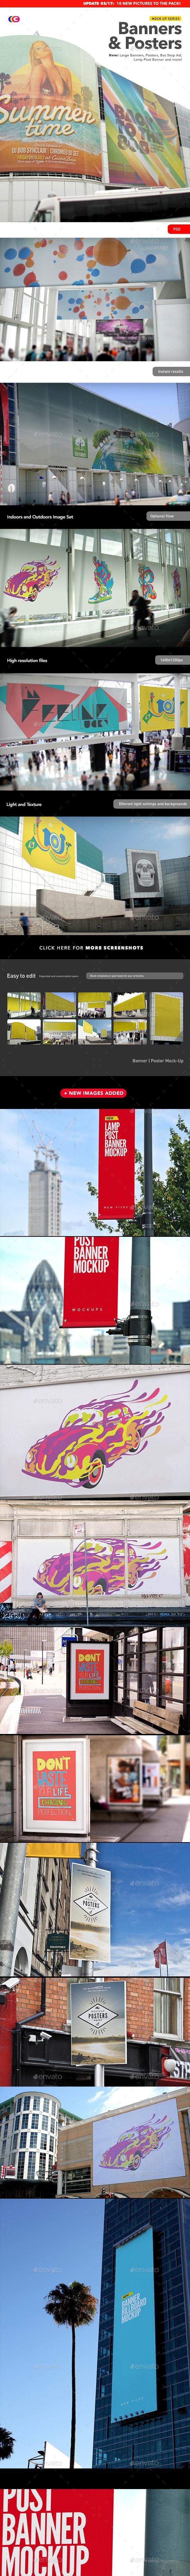 Banner | Poster Mock-Up - Signage Print